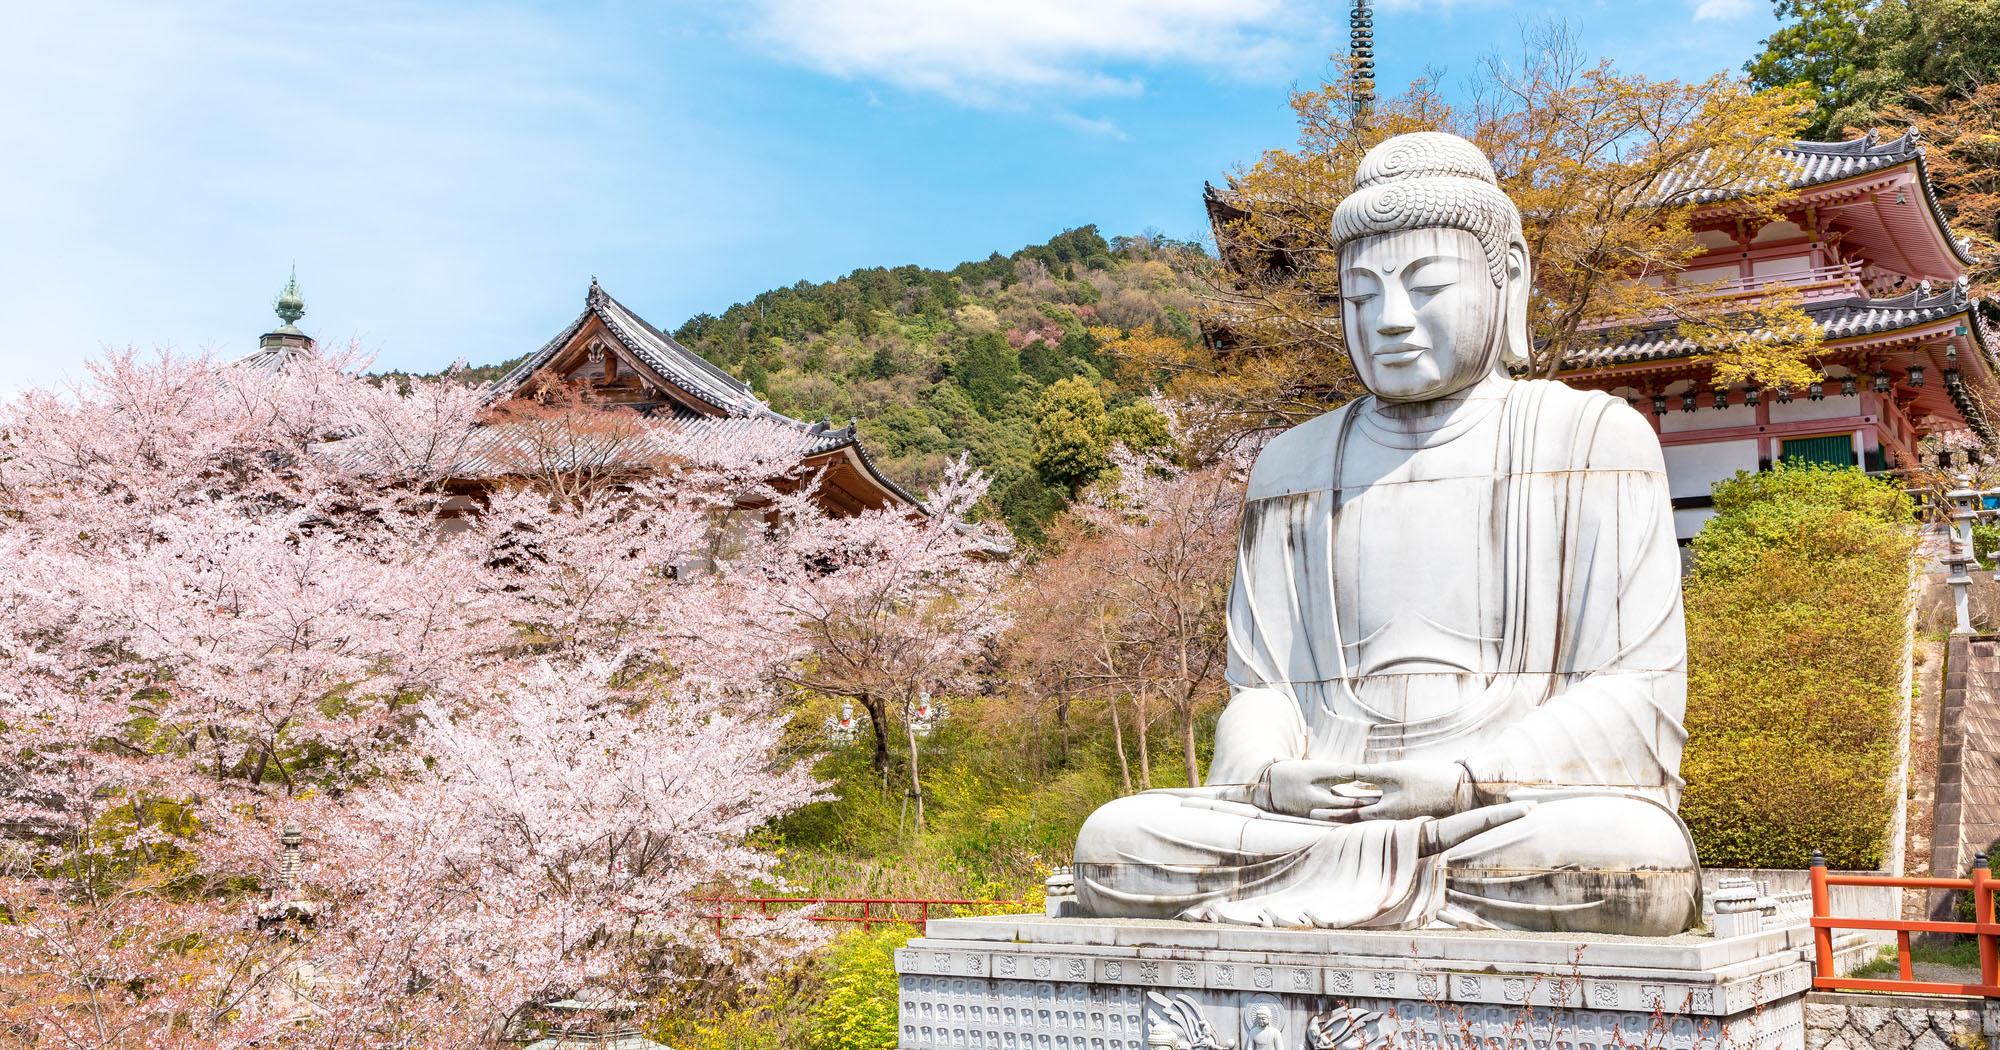 仏教の知識を身につけると、仏画・仏像鑑賞が一層楽しめます。